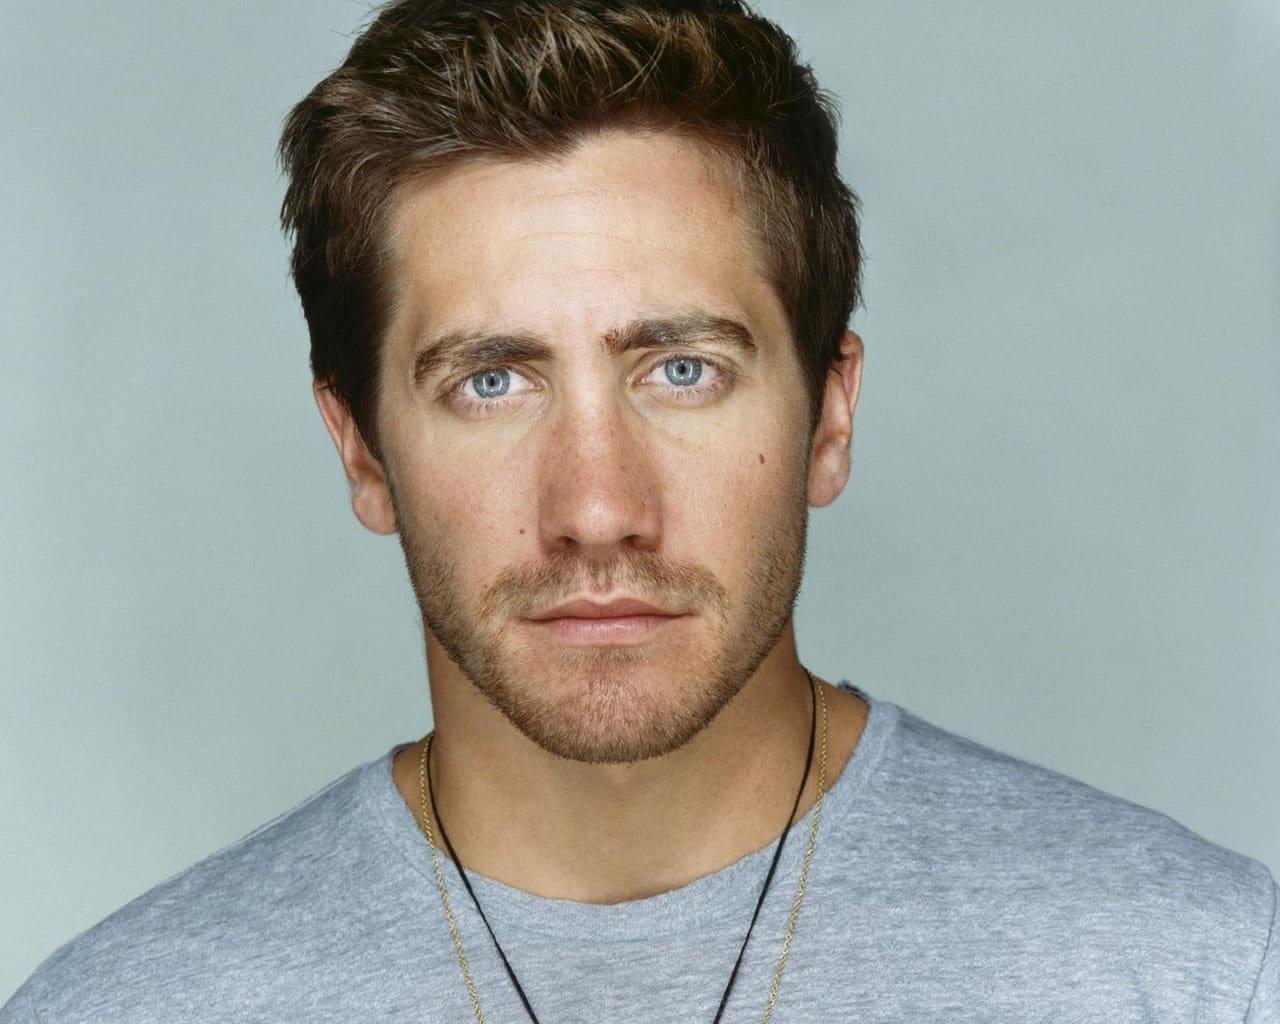 Jake Gyllenhaal S Eyes Ladyboners